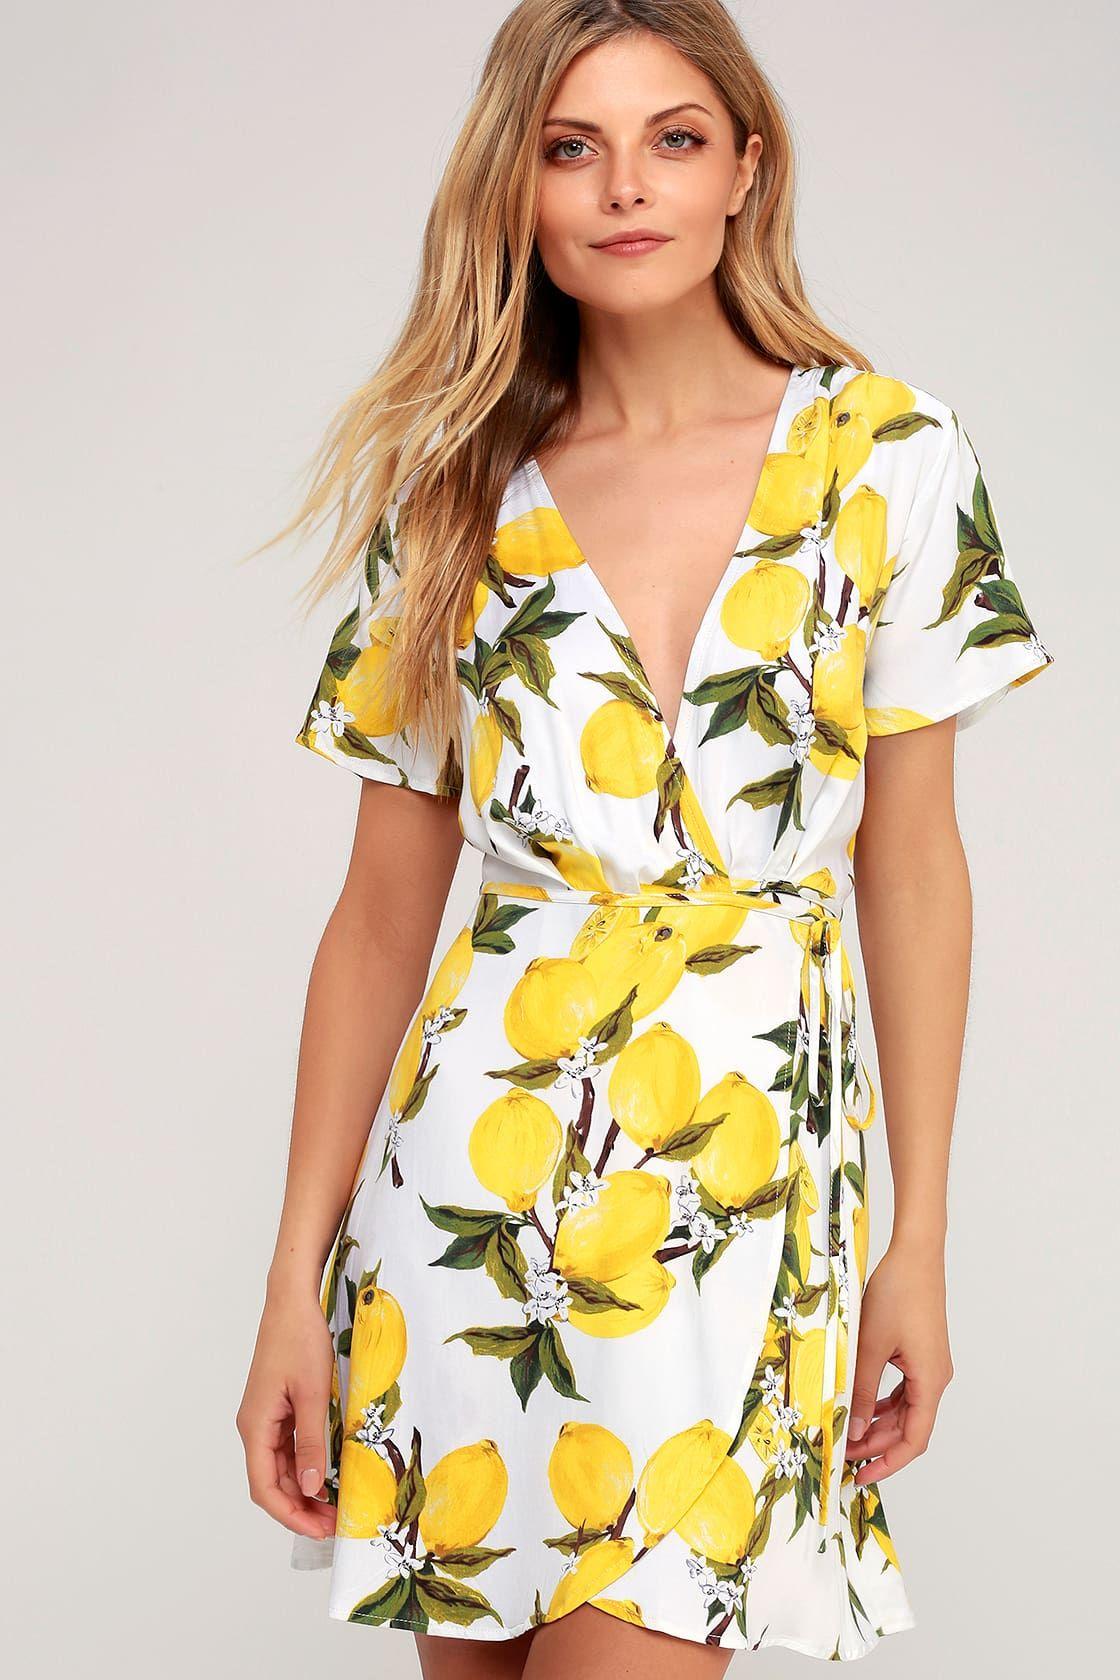 A La Tart White And Yellow Lemon Print Wrap Dress Lemon Print Dress Wrap Dress Printed Wrap Dresses [ 1680 x 1120 Pixel ]